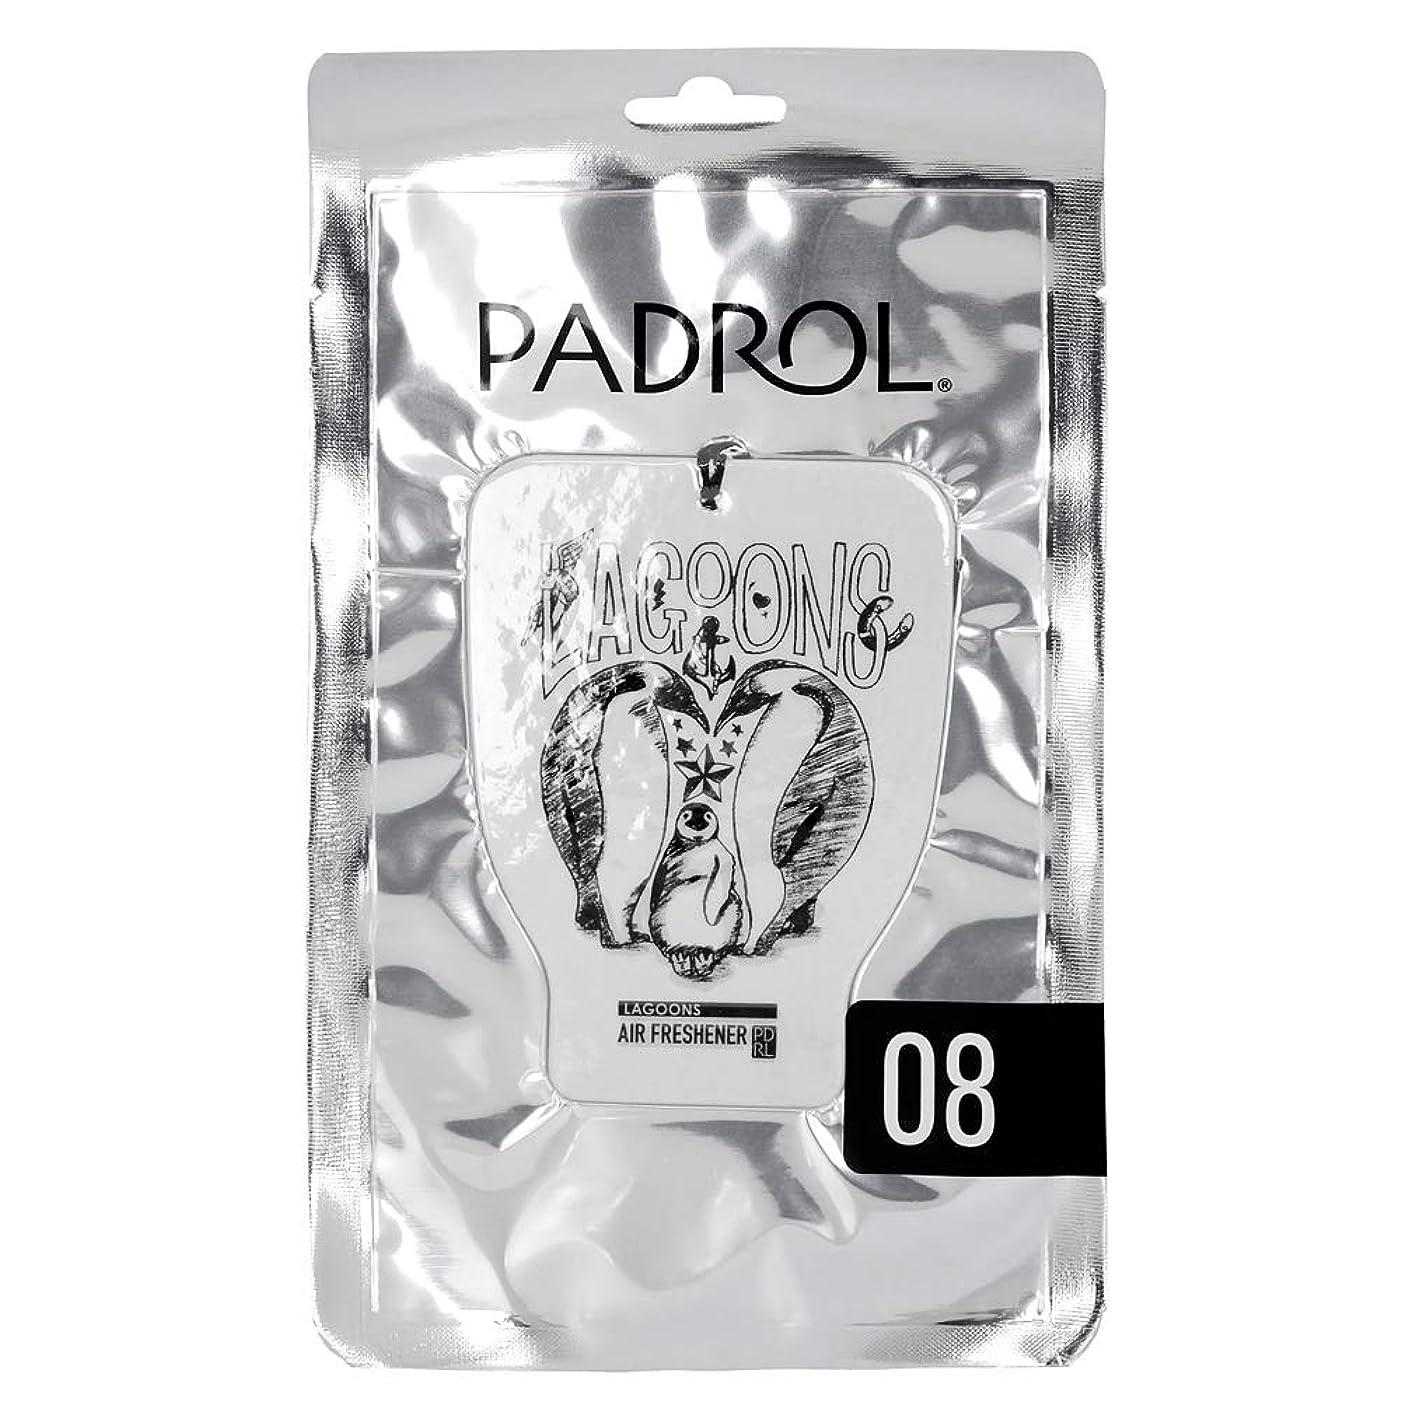 シルク説得力のある承認するノルコーポレーション ルームフレグランス エアーフレッシュナー パドロール 吊り下げ LAGOONS PAD-5-08 オリエンタルムスクの香り 1枚